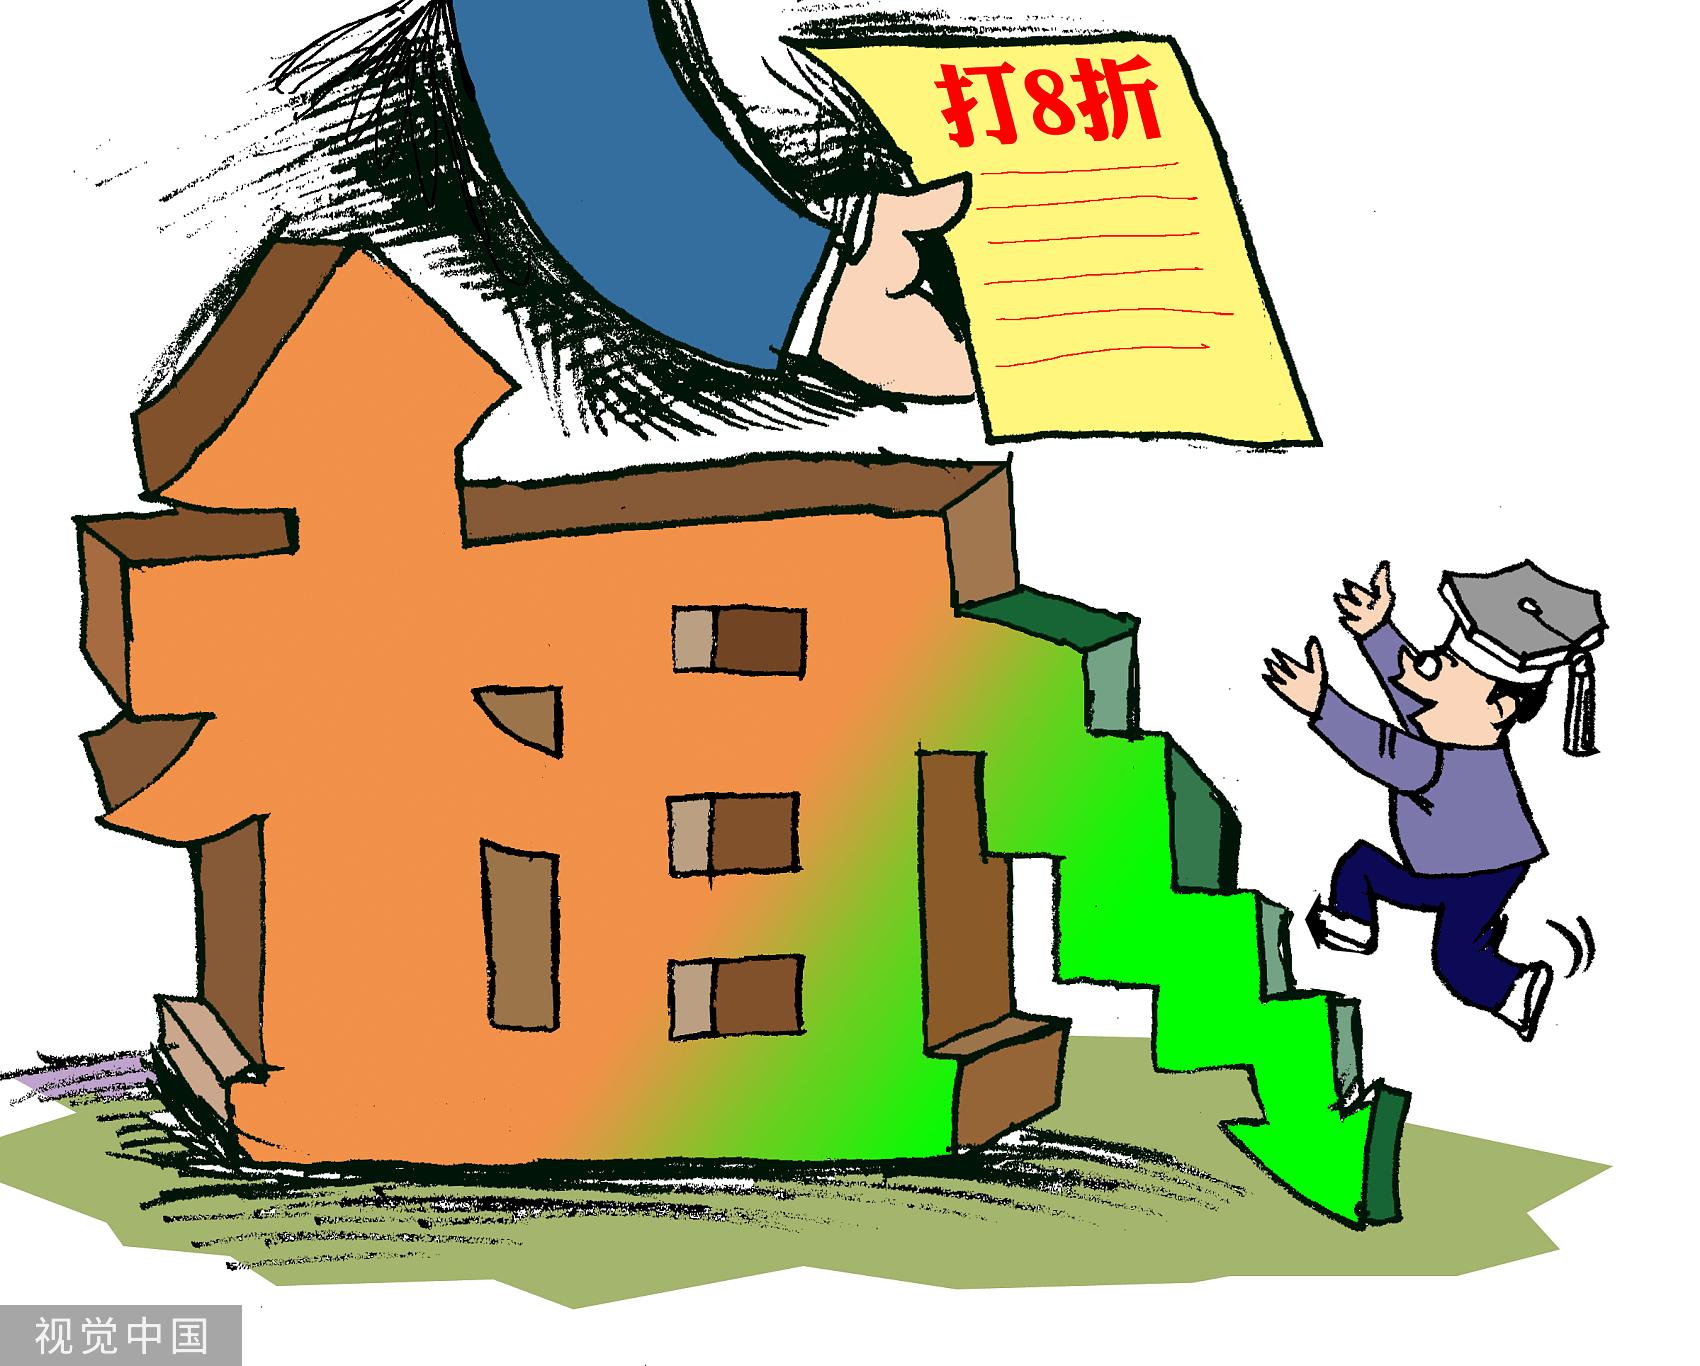 住房租赁市场火热 近九成毕业生选择合租房